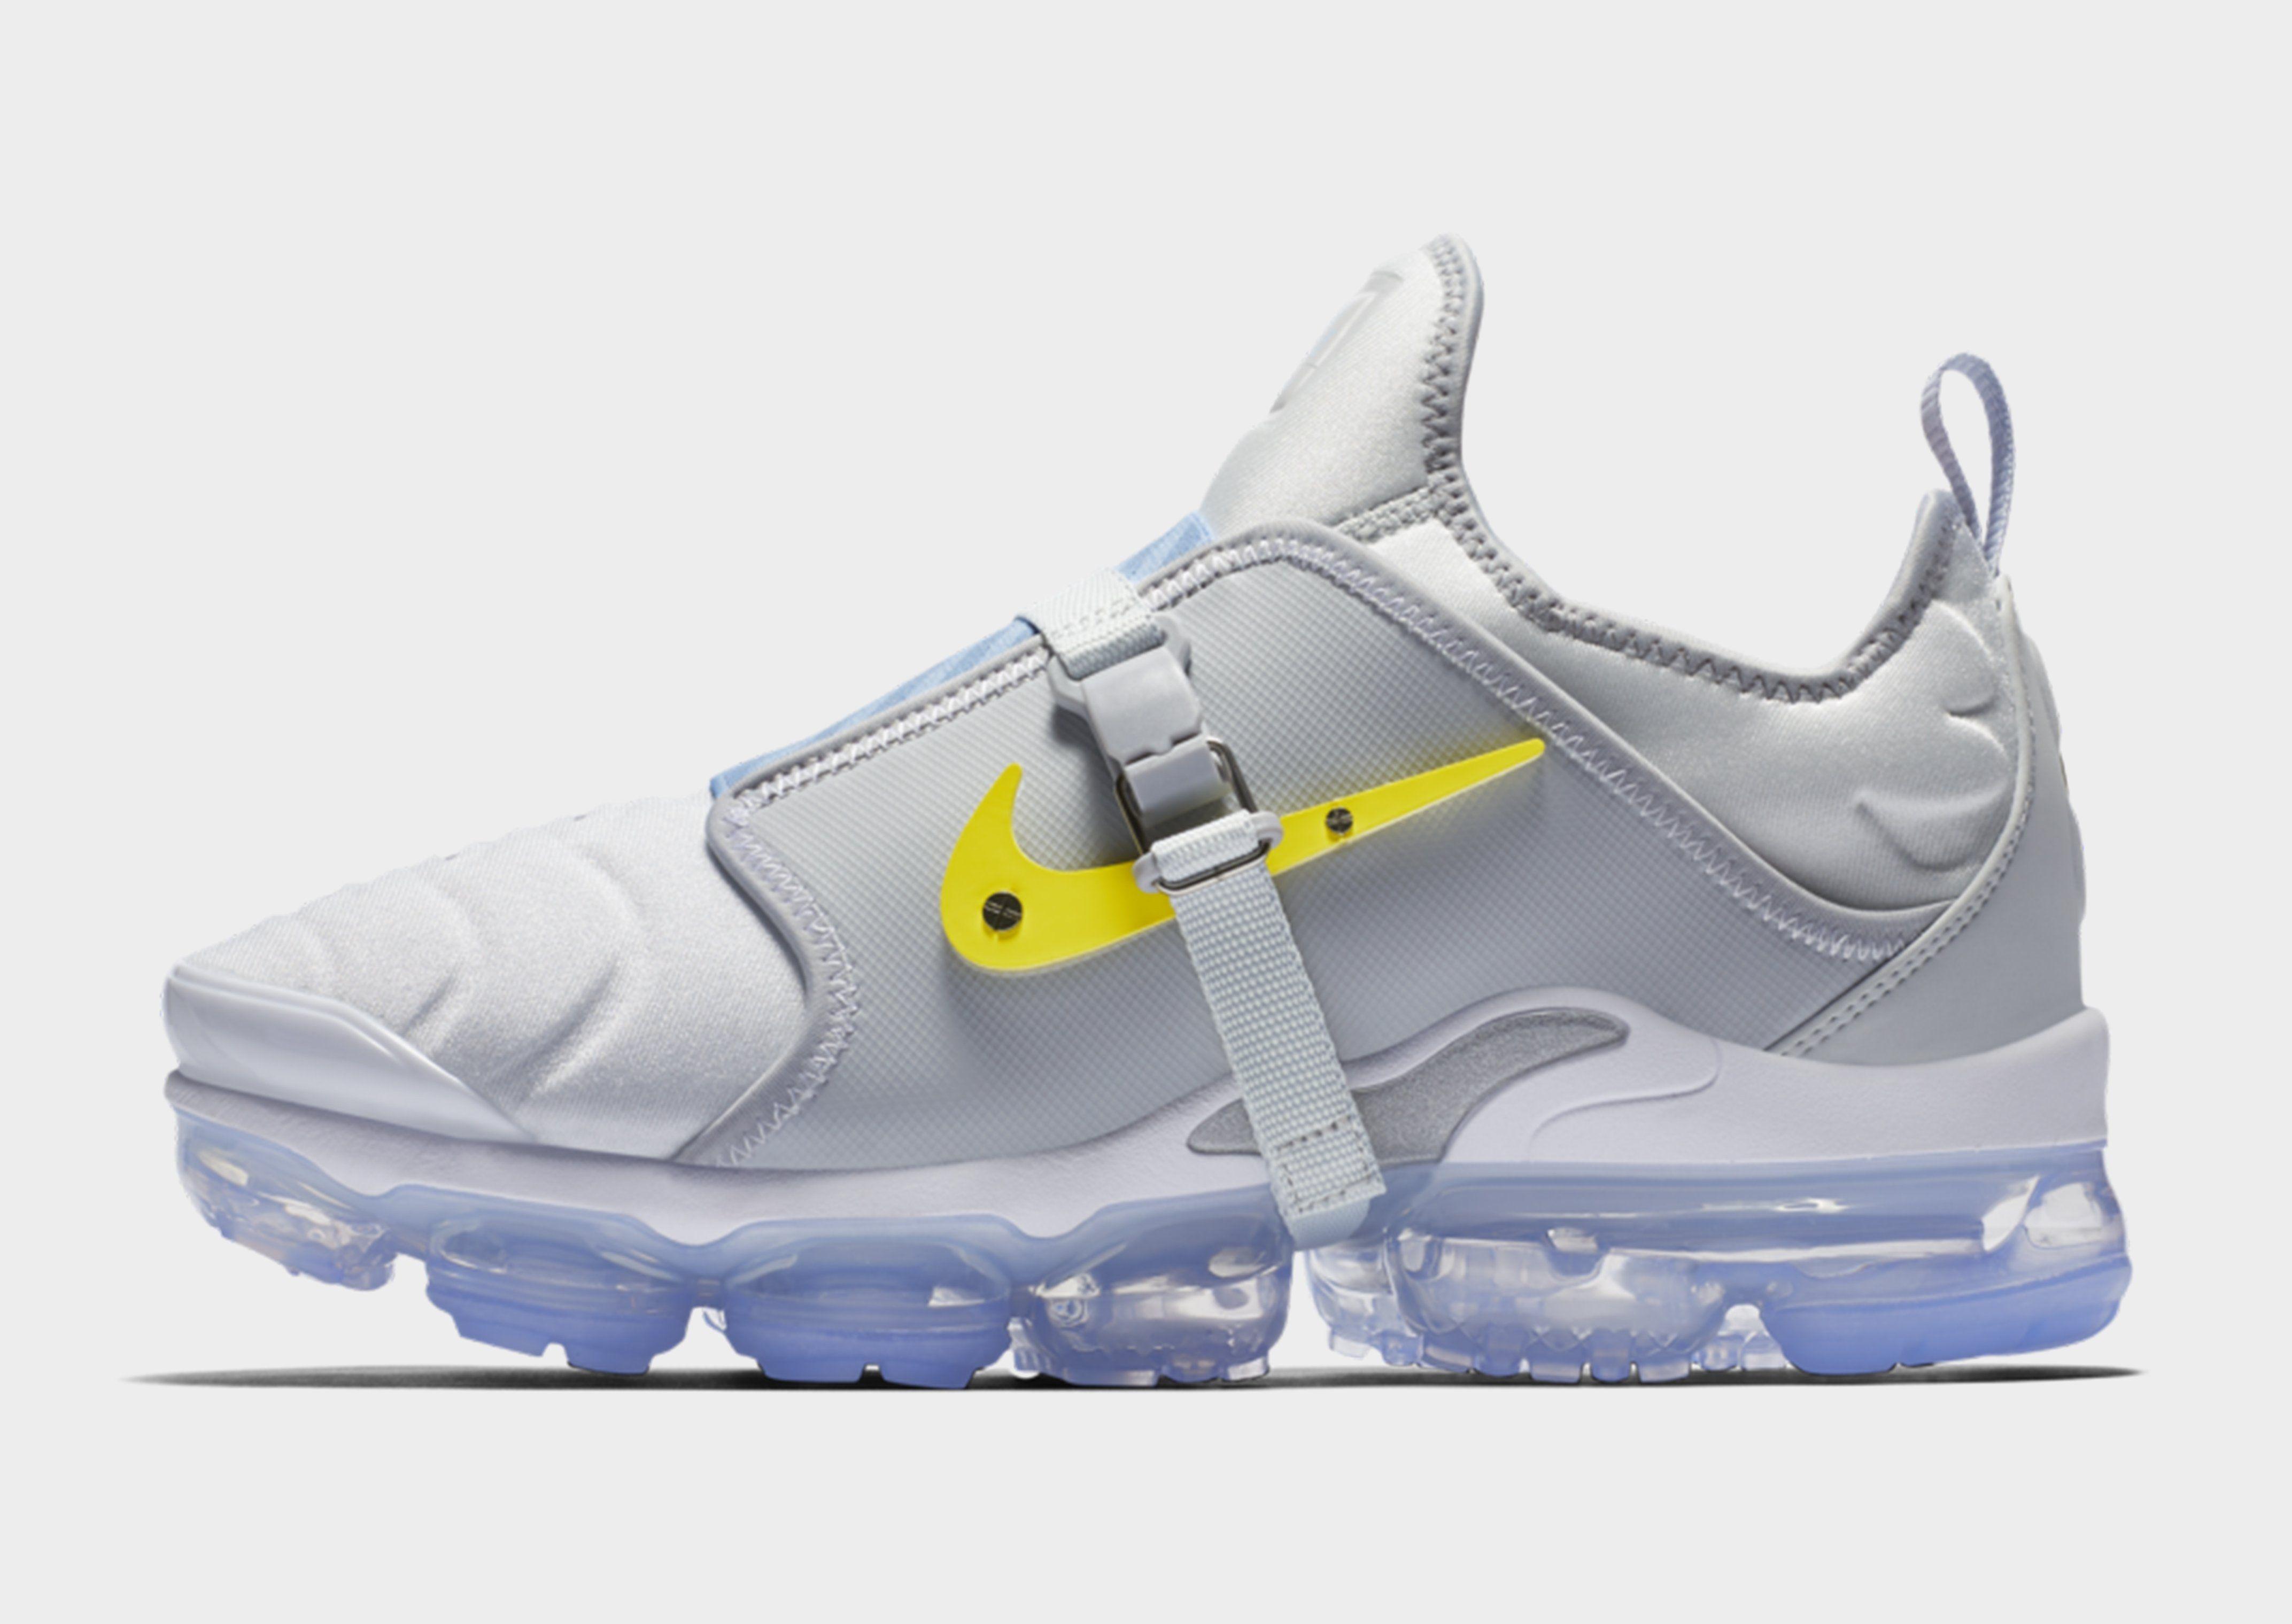 83a2eb7069576 Nike Air VaporMax Plus  On Air  QS